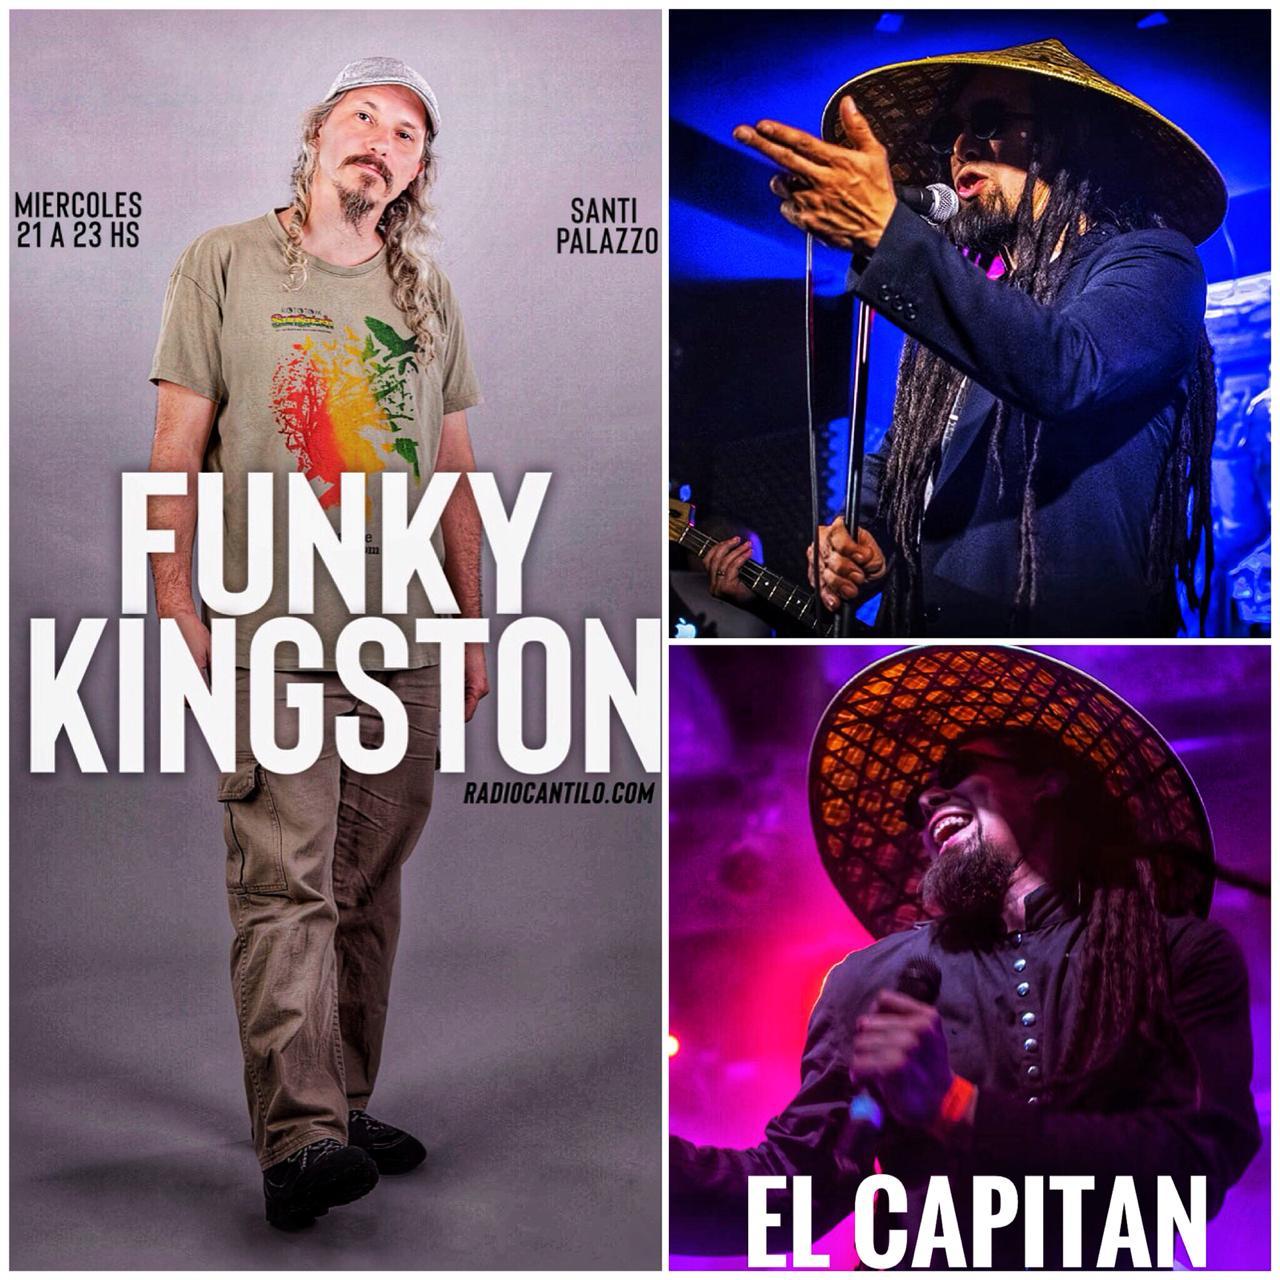 Noche mágica en Funky Kingston - Radio Cantilo